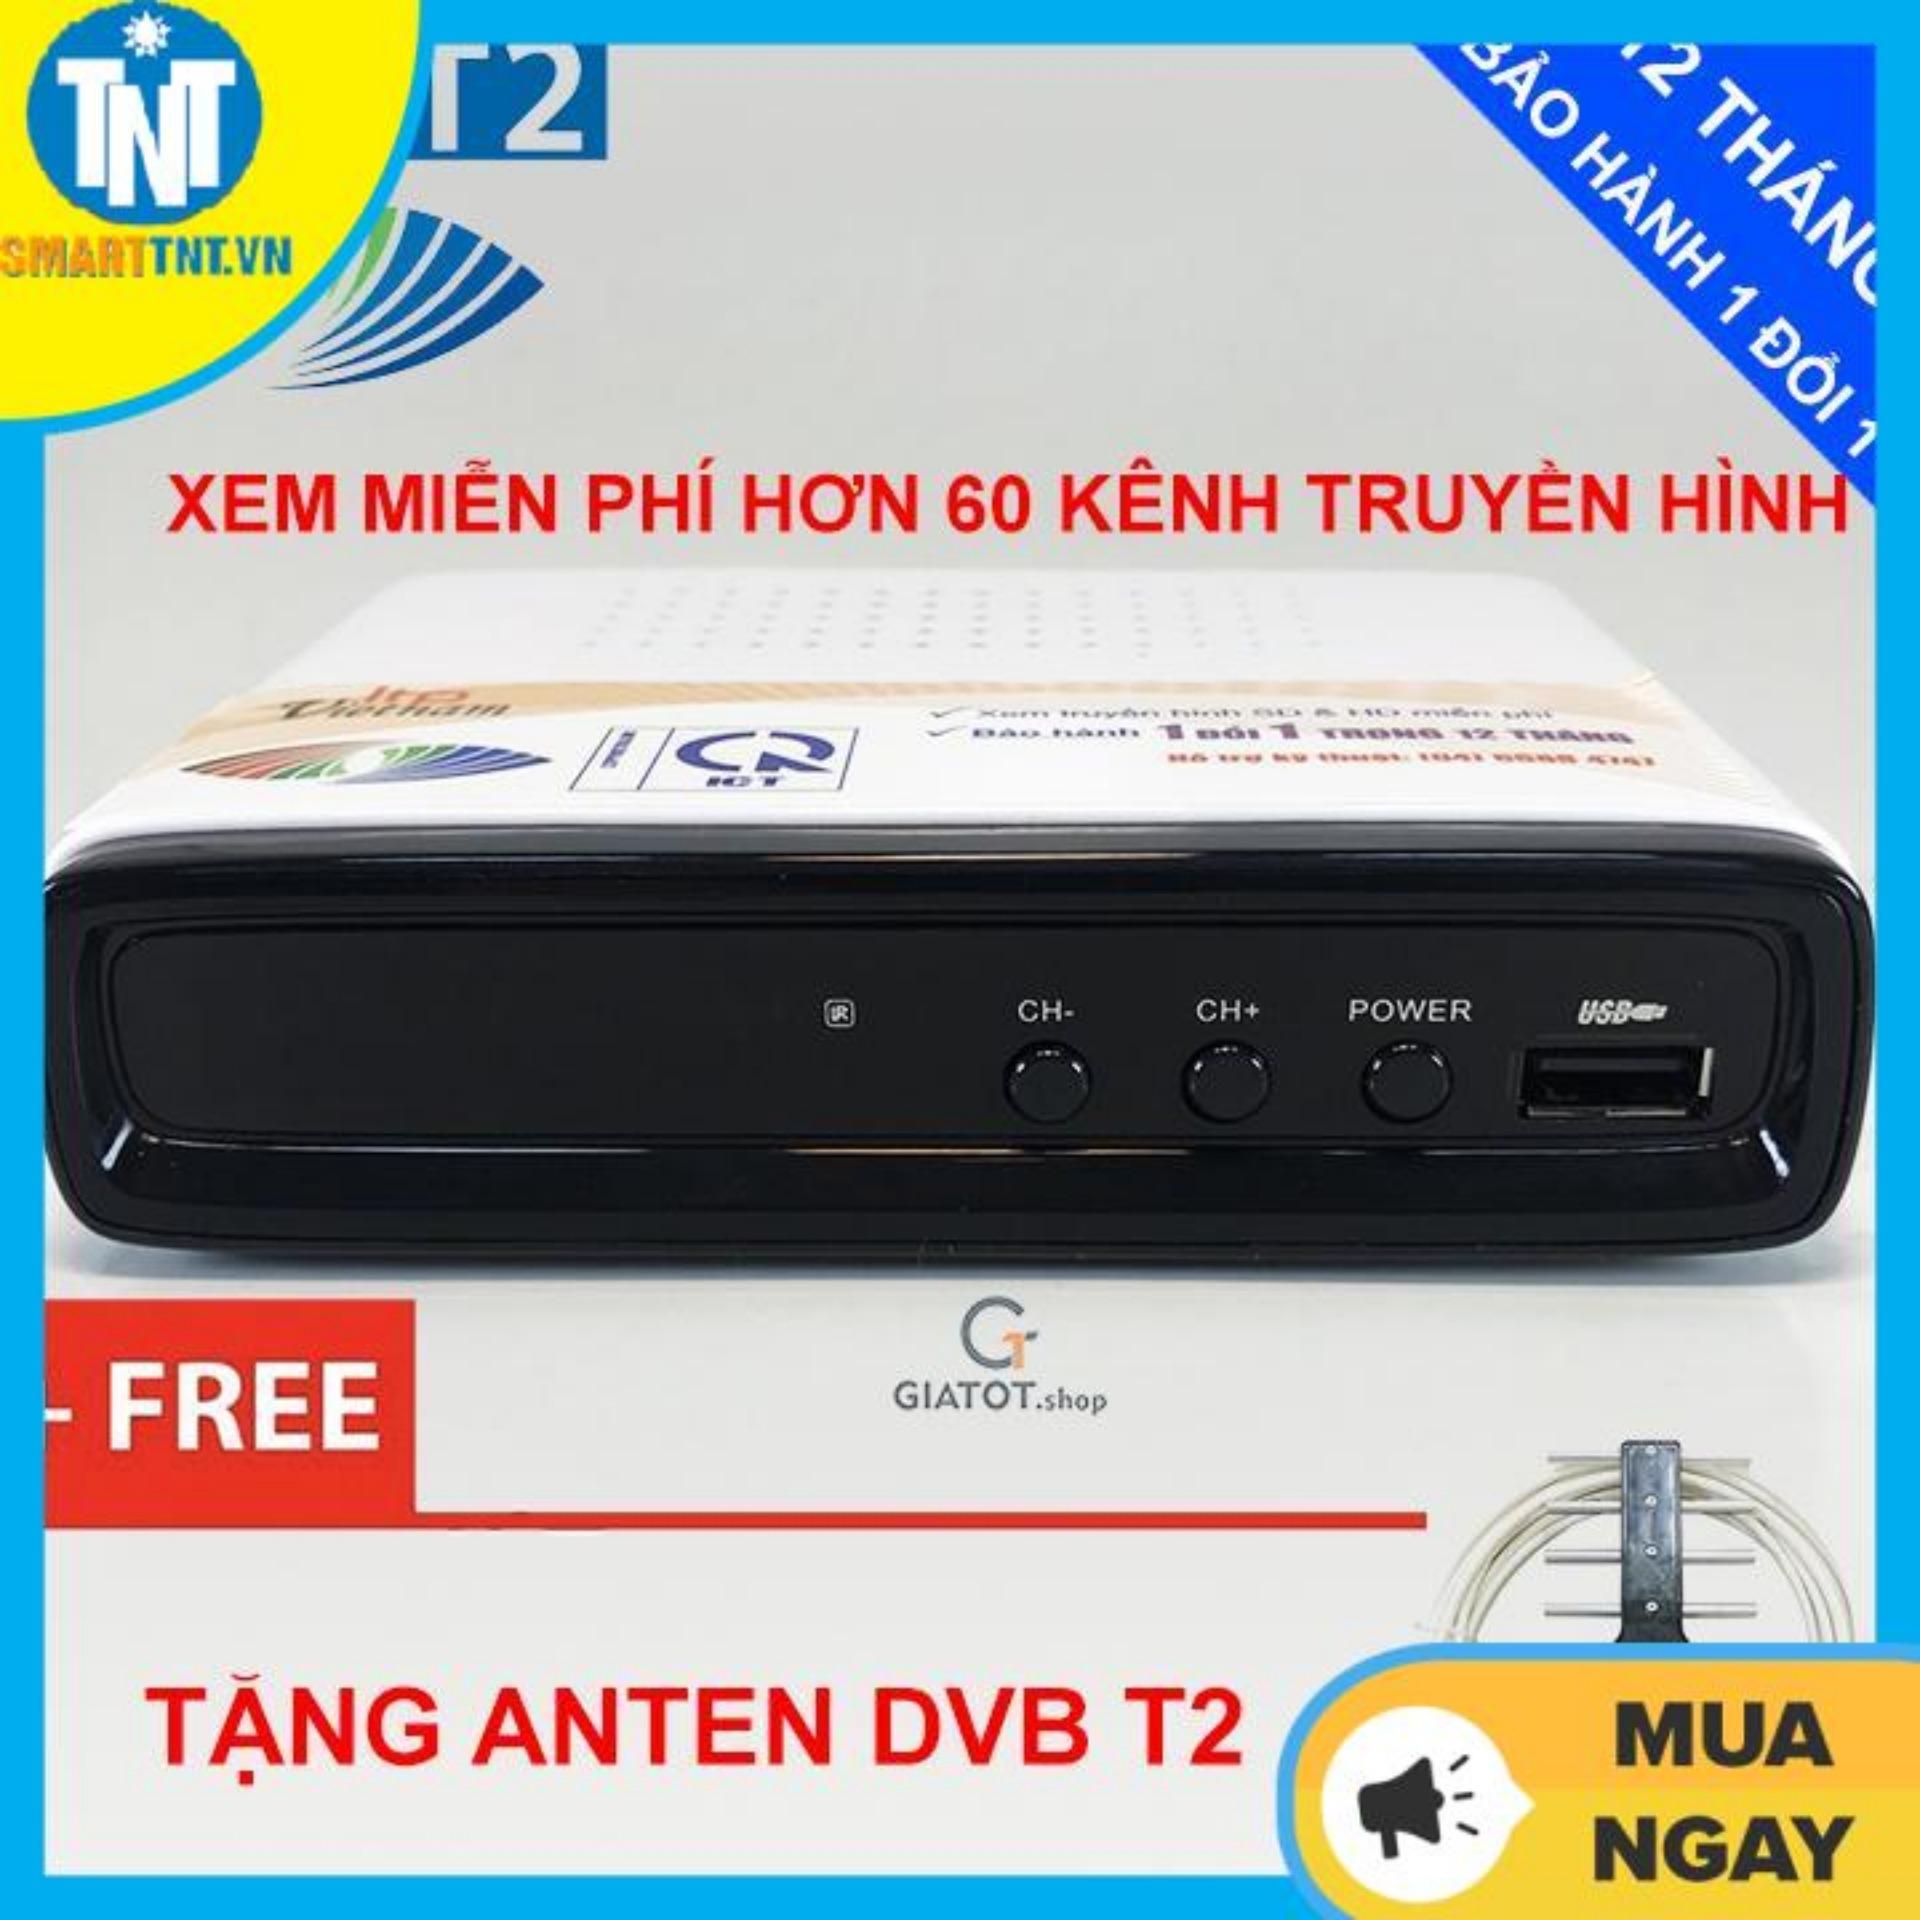 Đầu thu kỹ thuật số DVB T2 LTP STB-1306 tặng Anten DVB T2